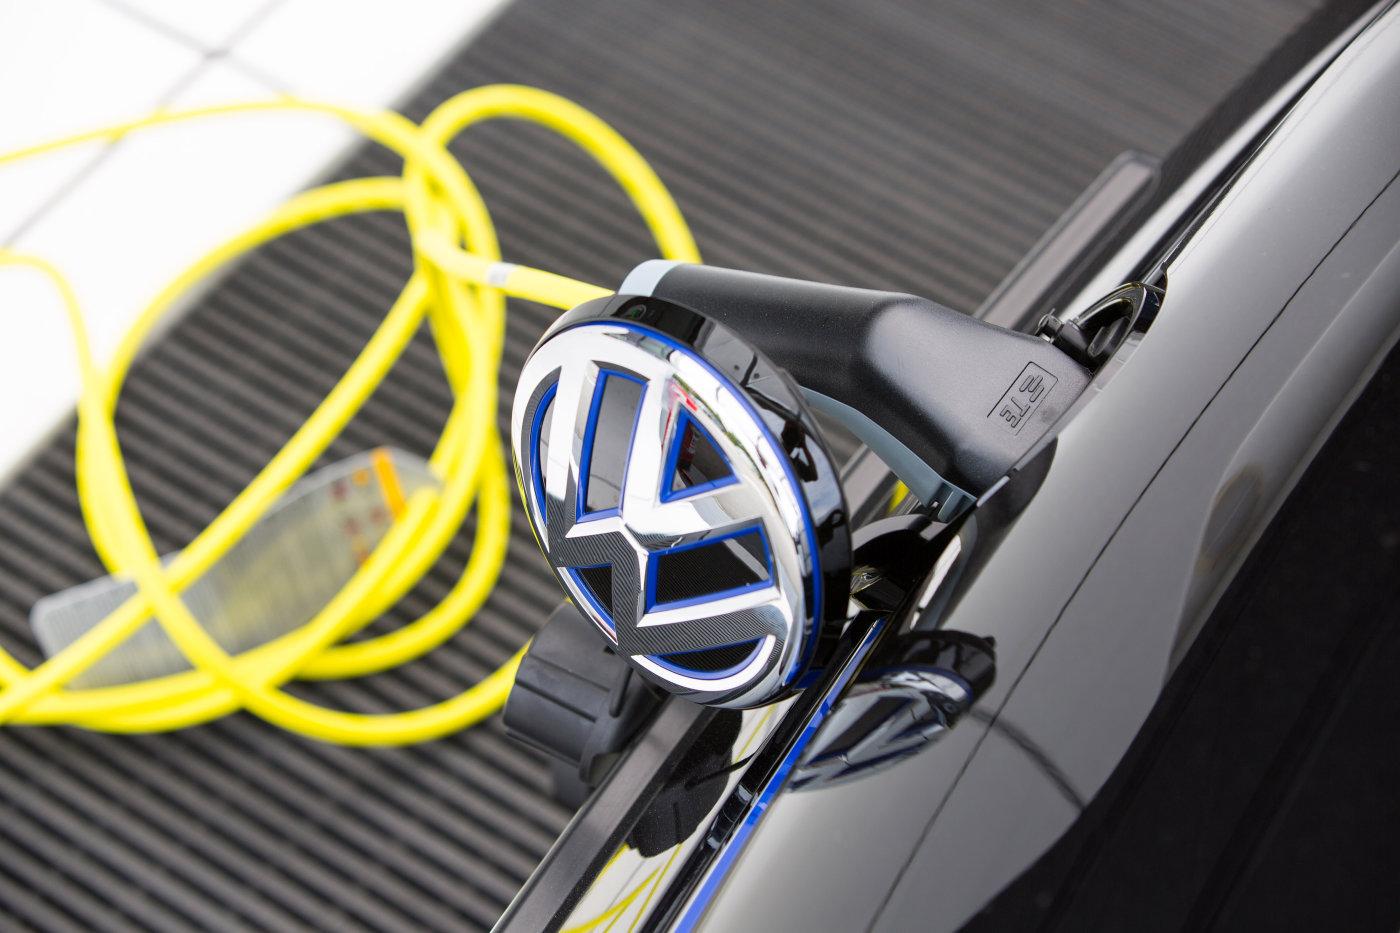 Volkswagen planea lanzar hasta 30 modelos eléctricos en 10 años